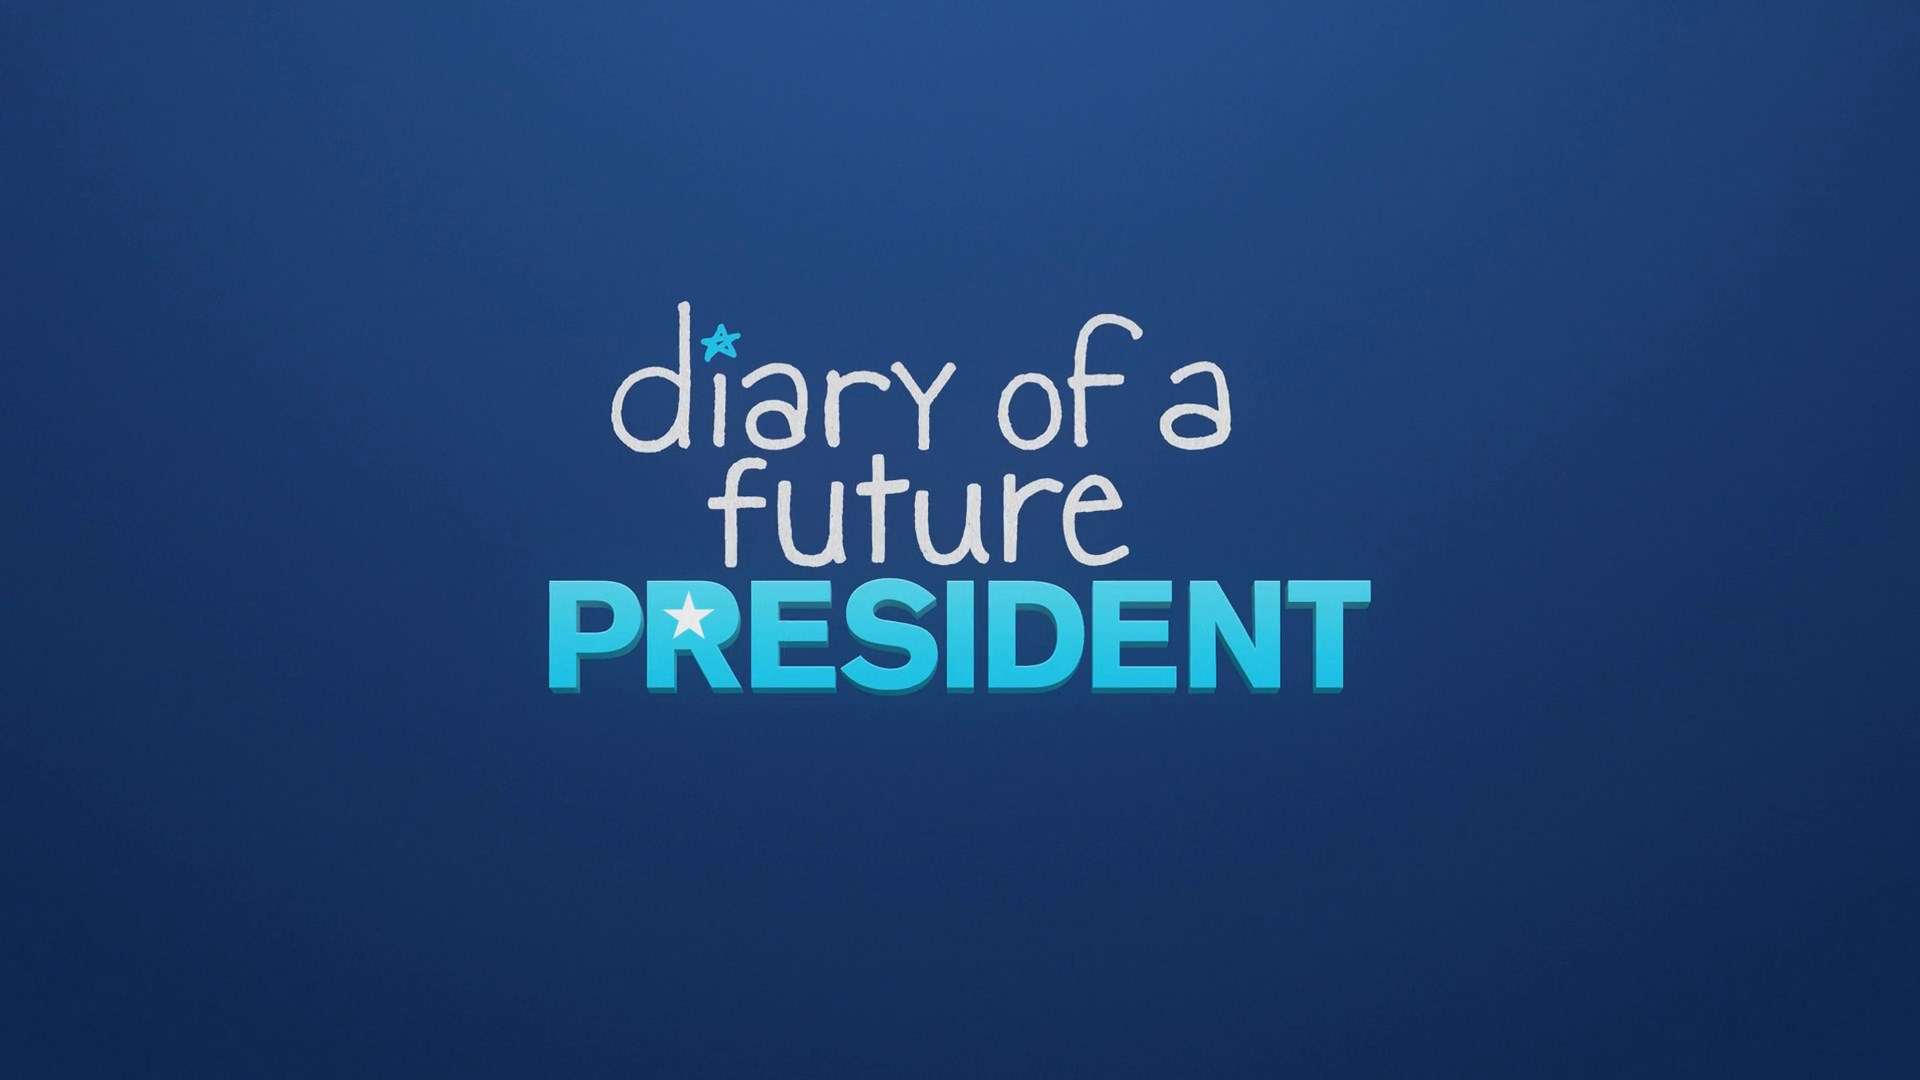 Diario de una futura presidenta Temporada 2 (2021) 1080p WEB-DL Latino